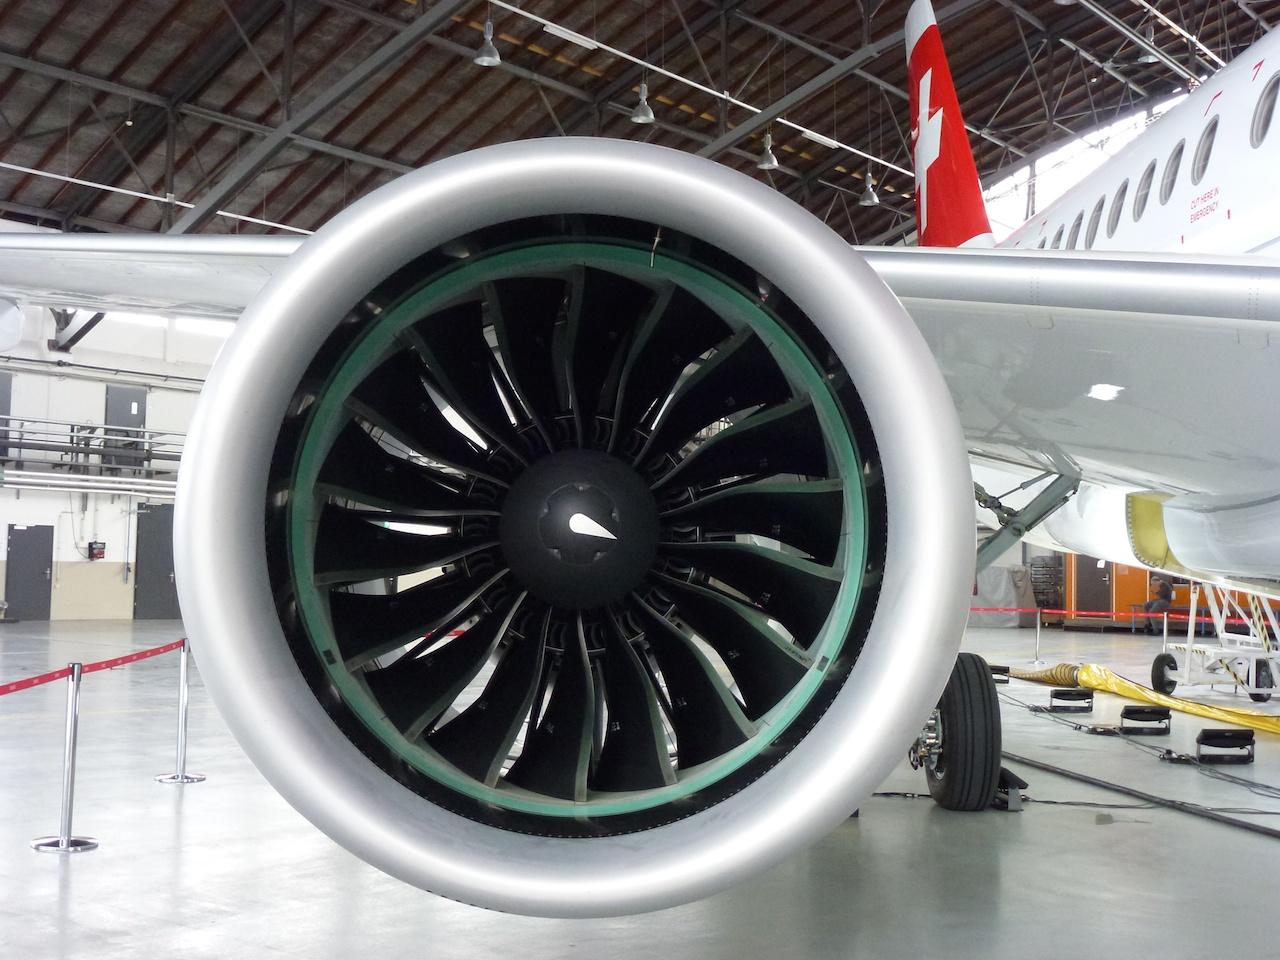 Pratt & Whitney Triebwerke